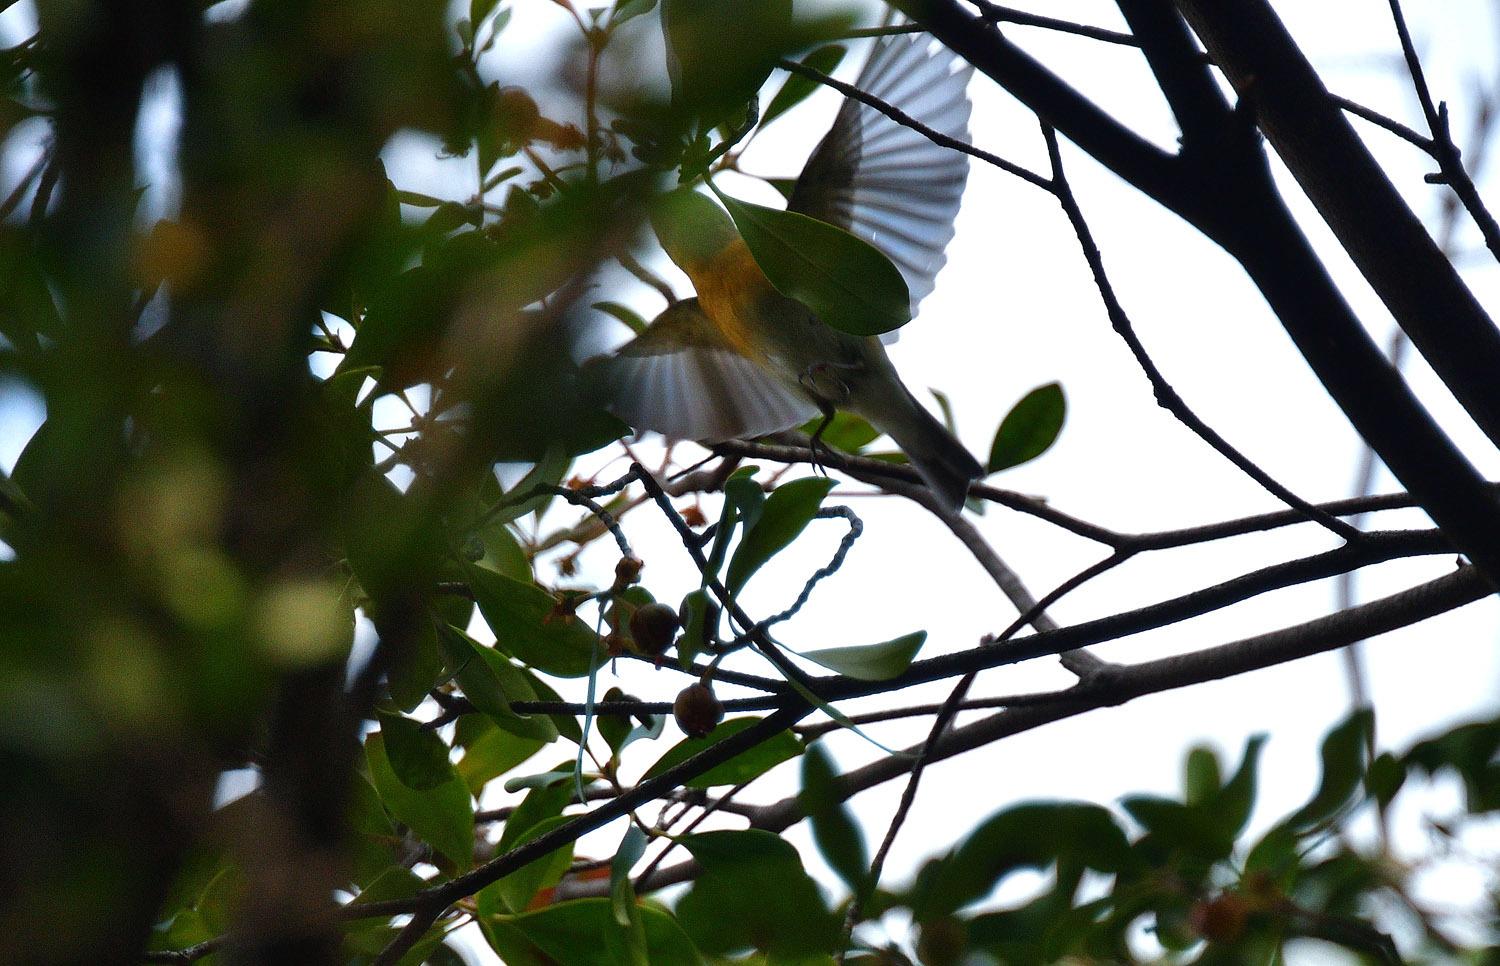 モッコクの木の実に集う ムギマキ 雌_e0362696_16030177.jpg